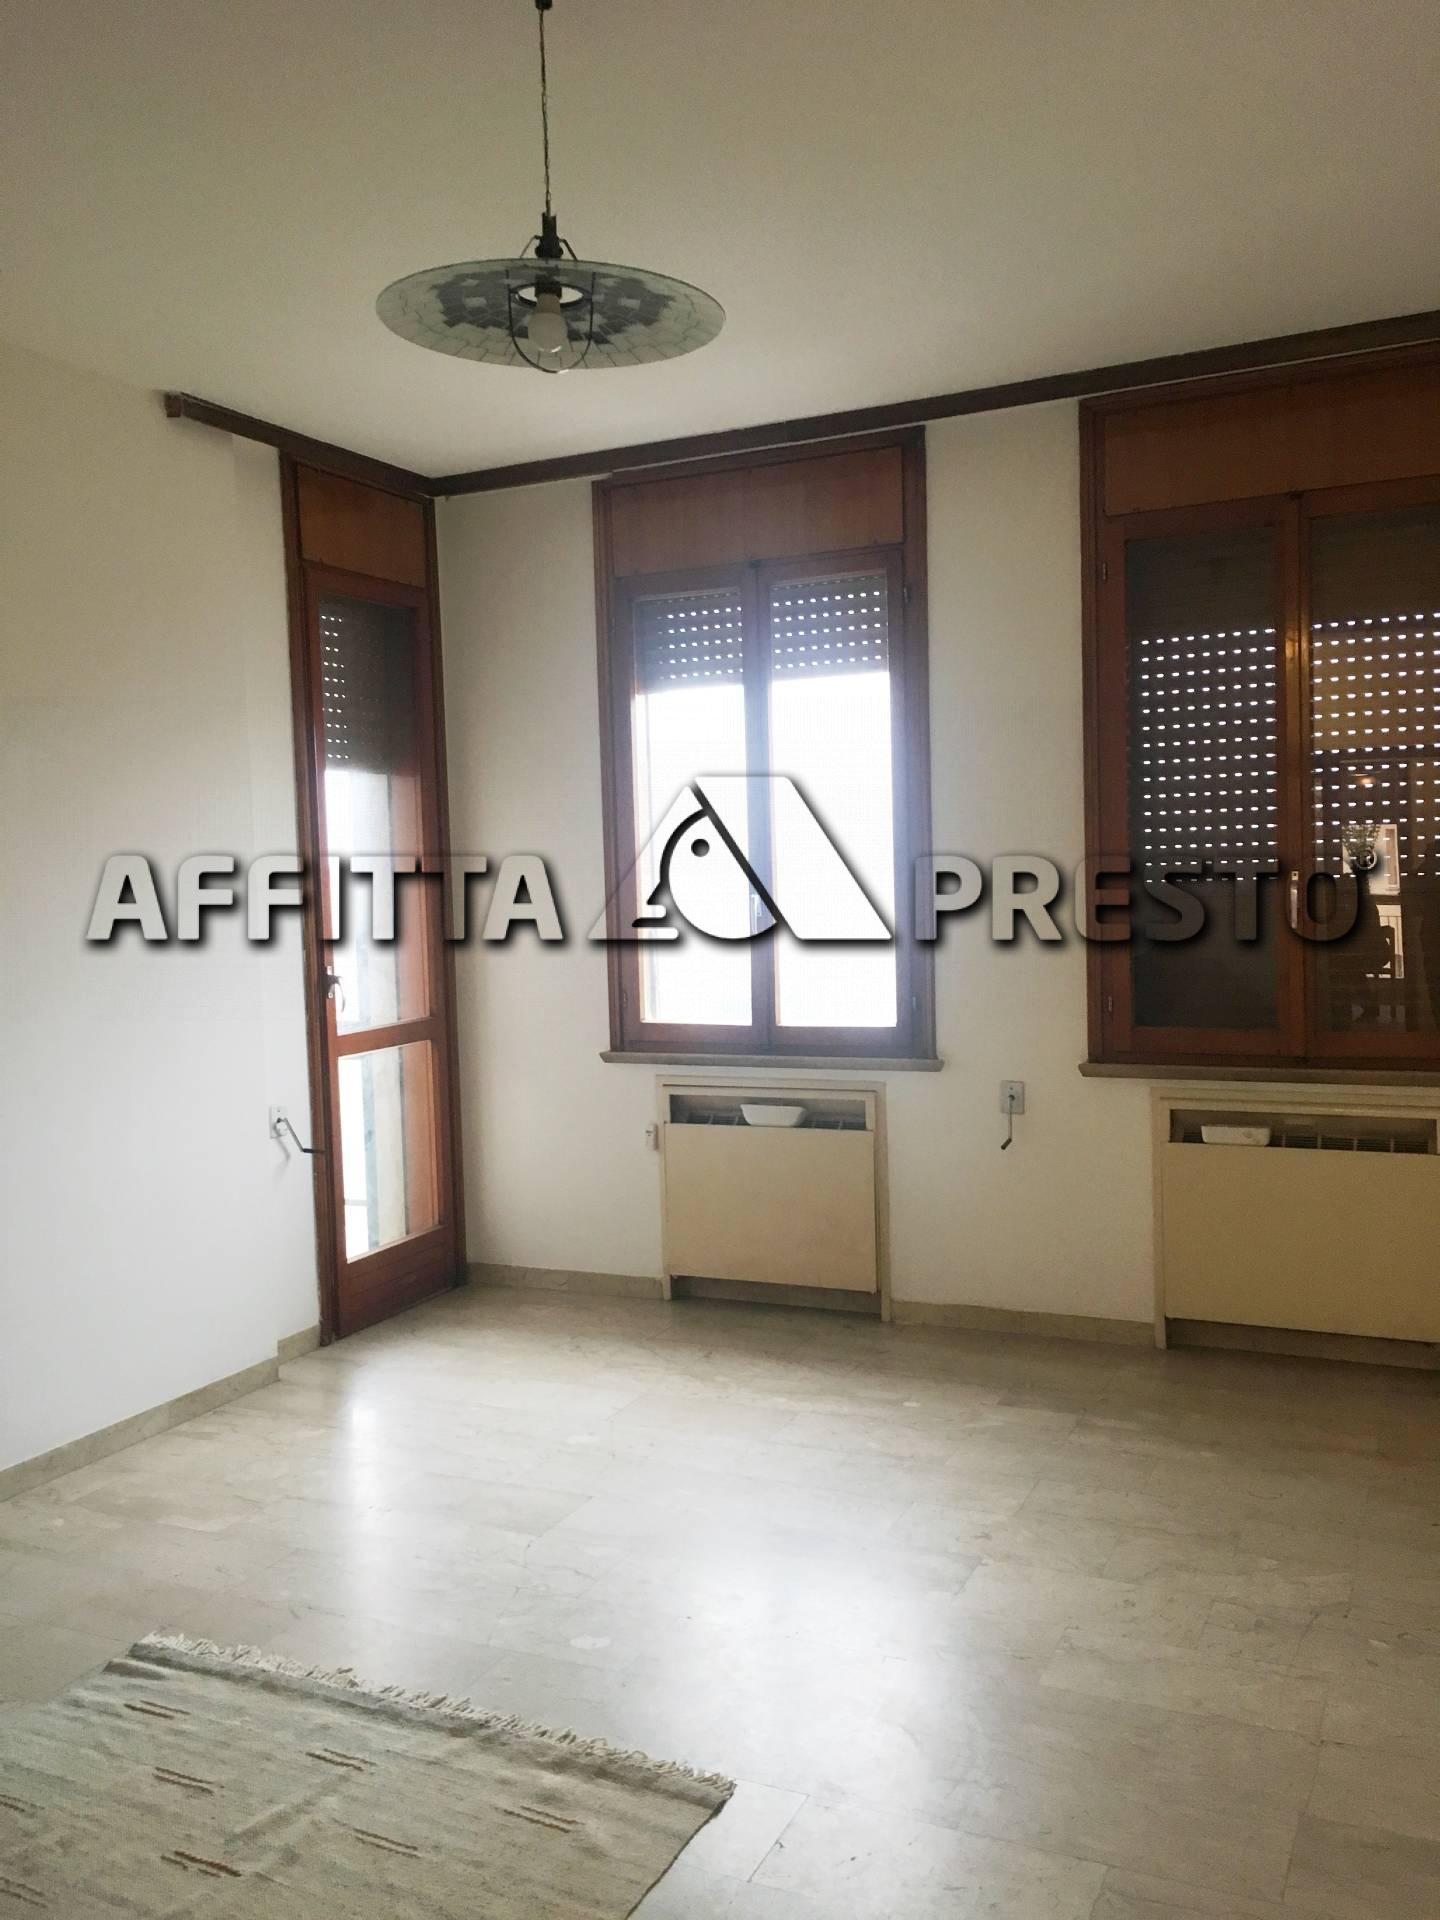 Appartamento, 108 Mq, Affitto - Ravenna (Ravenna)